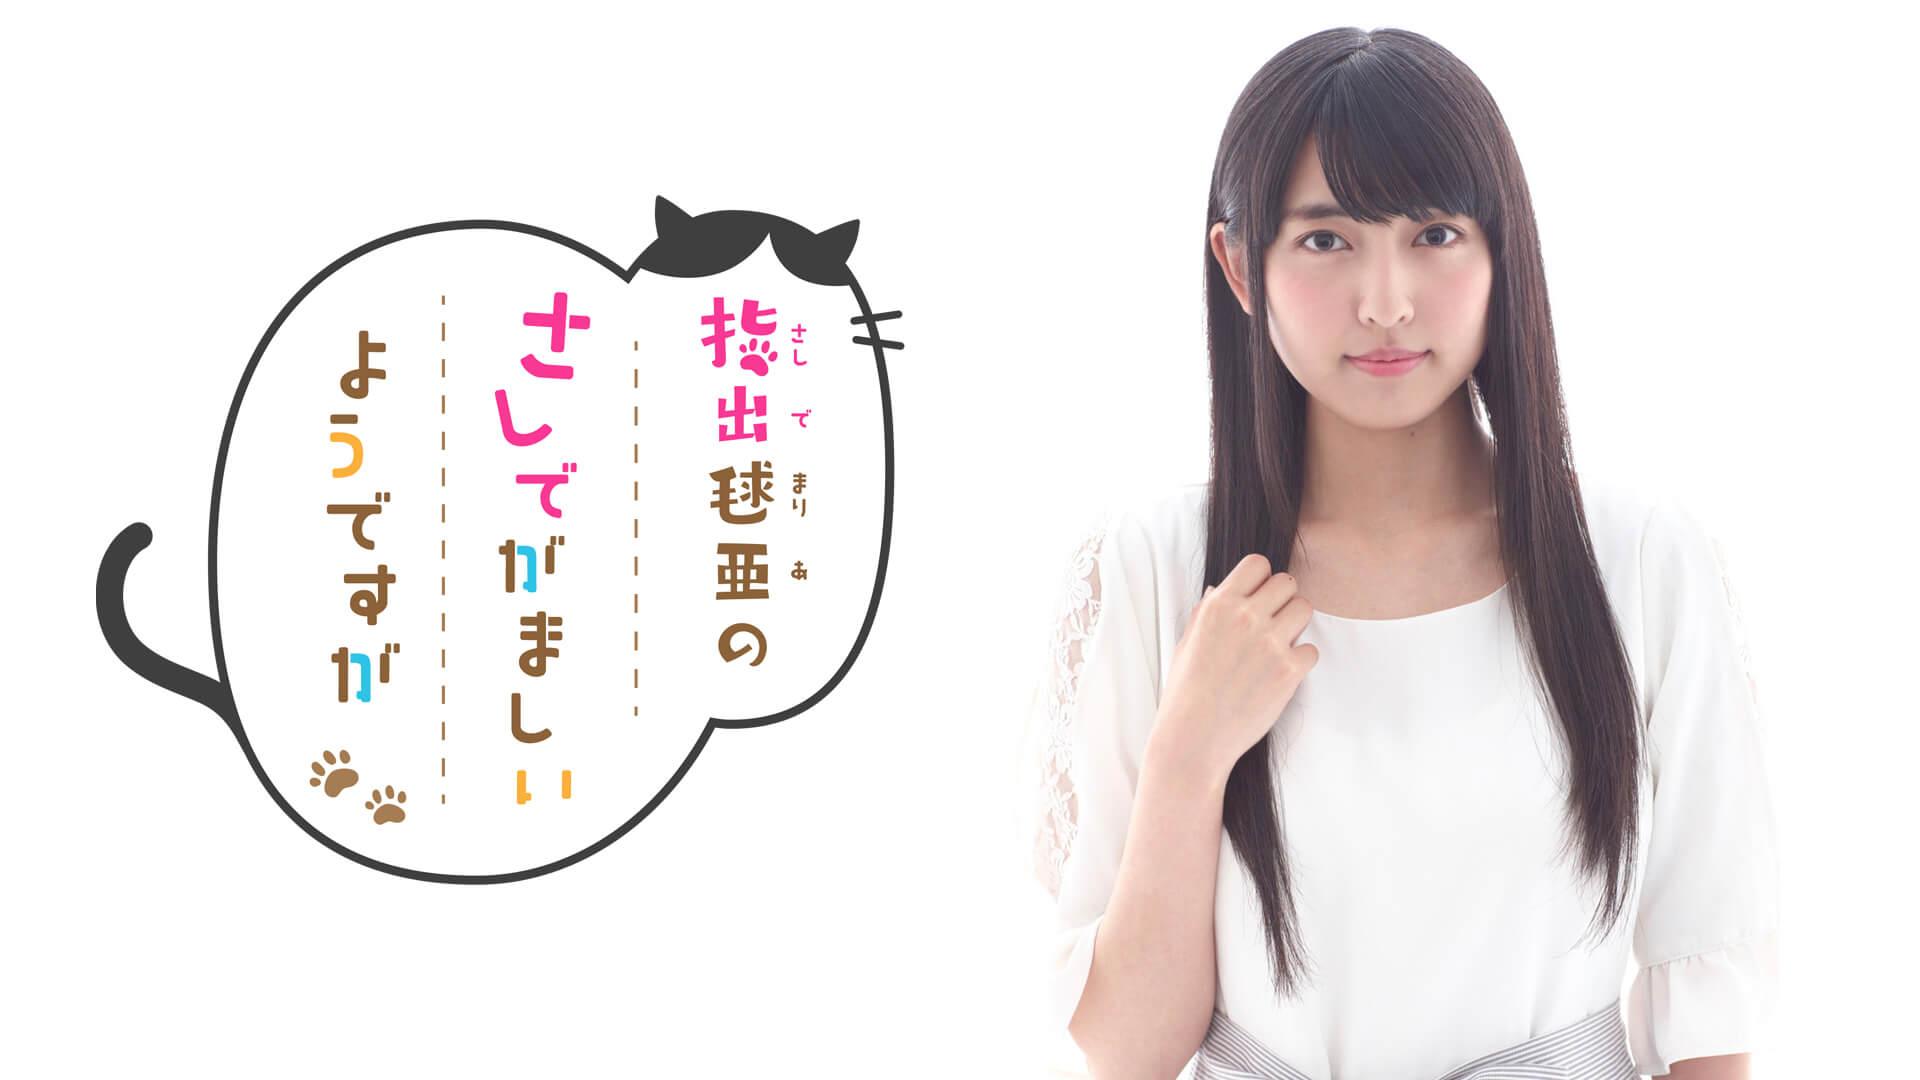 【新番組】「指出毬亜のさしでがましいようですが」9月28日(火)21時〜放送開始!